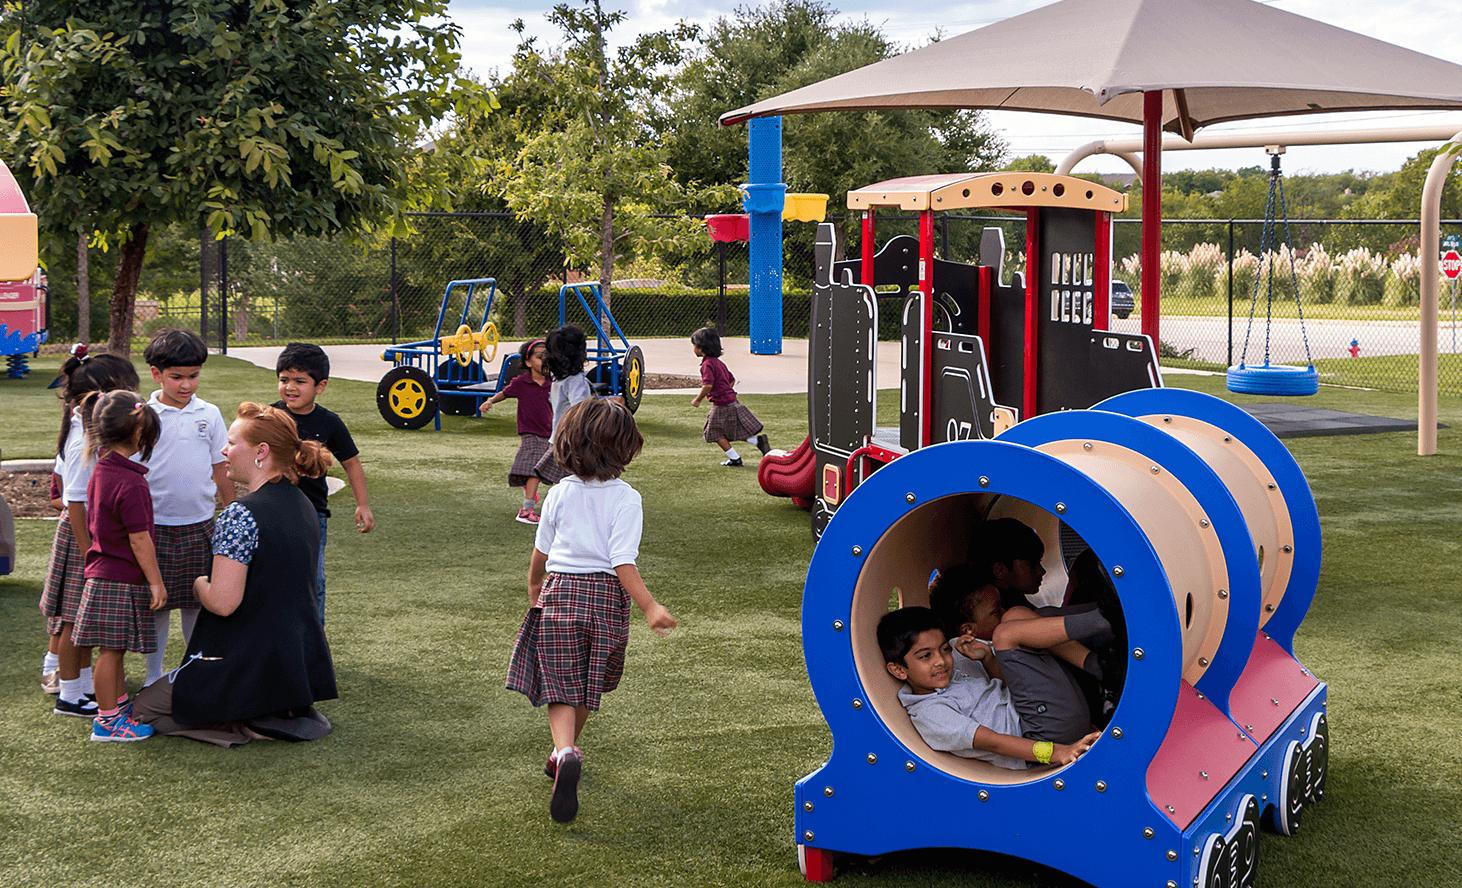 Playground | Challenger School - Round Rock | Private School In Round Rock, Texas